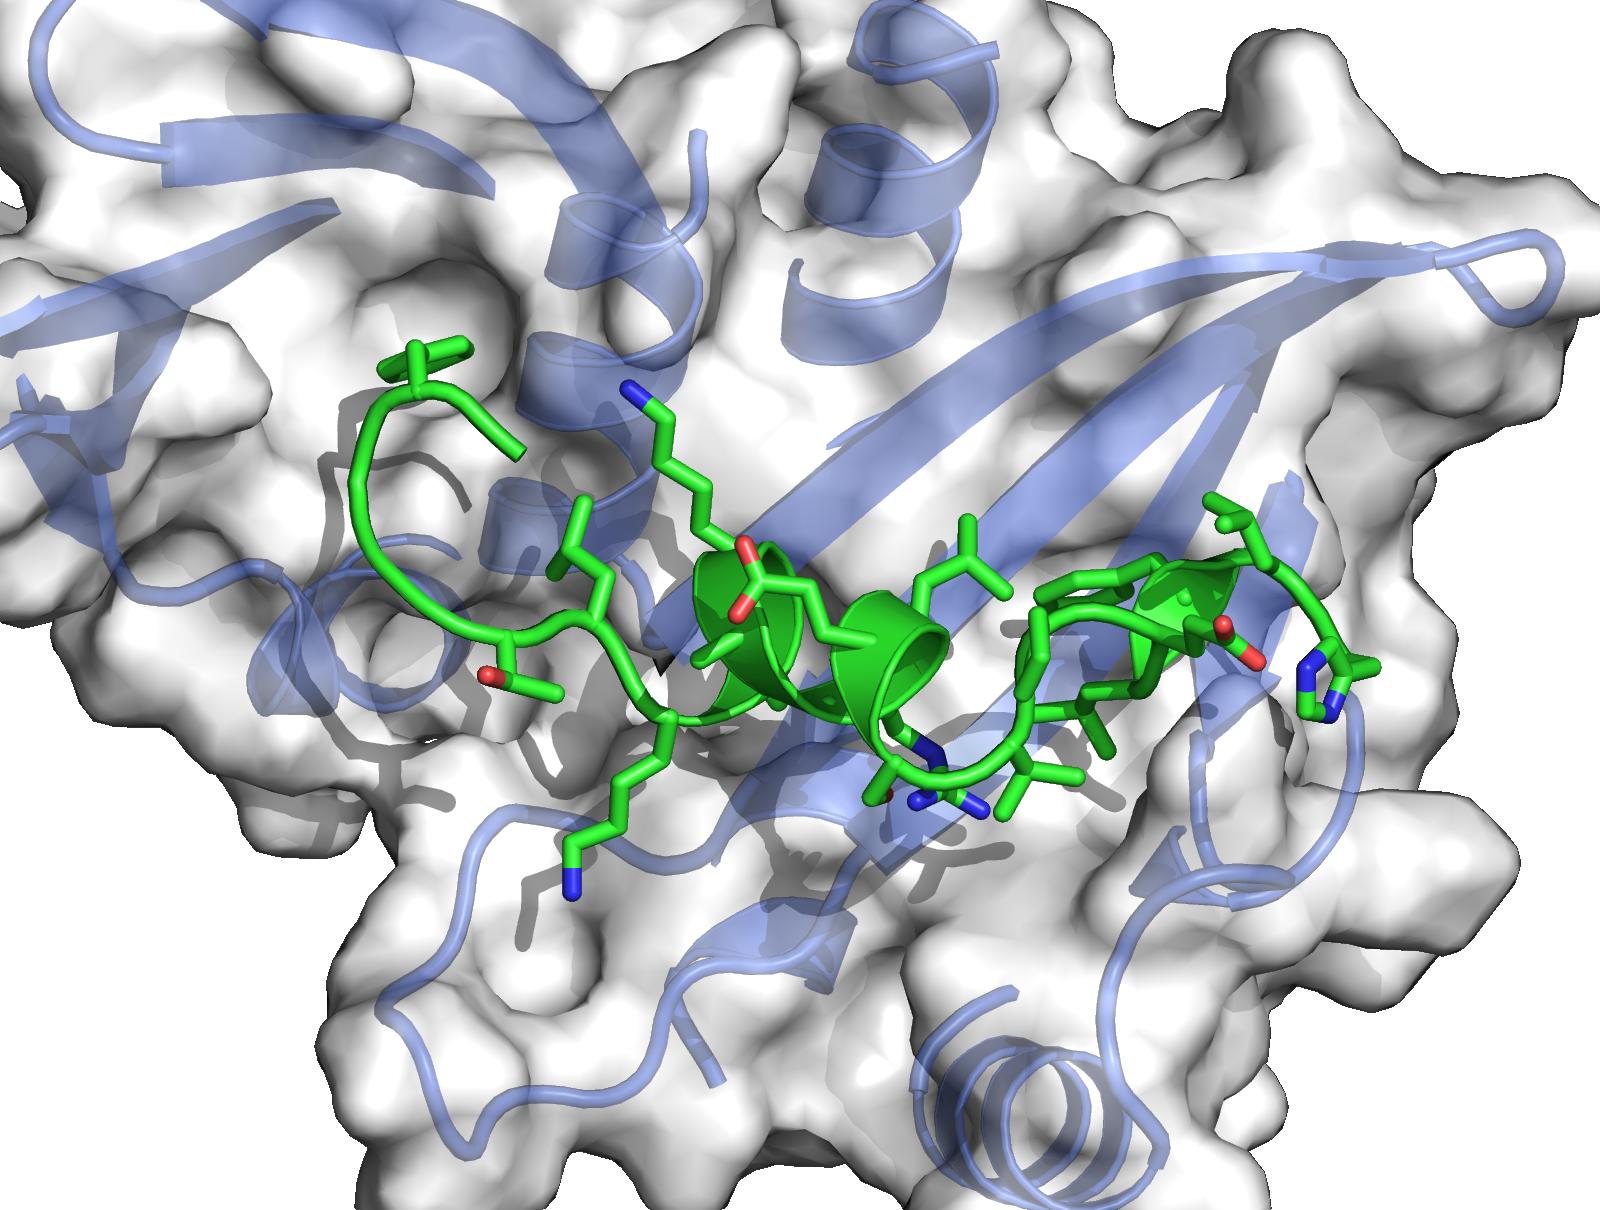 Budding-yeast Csm1-Dse3 complex